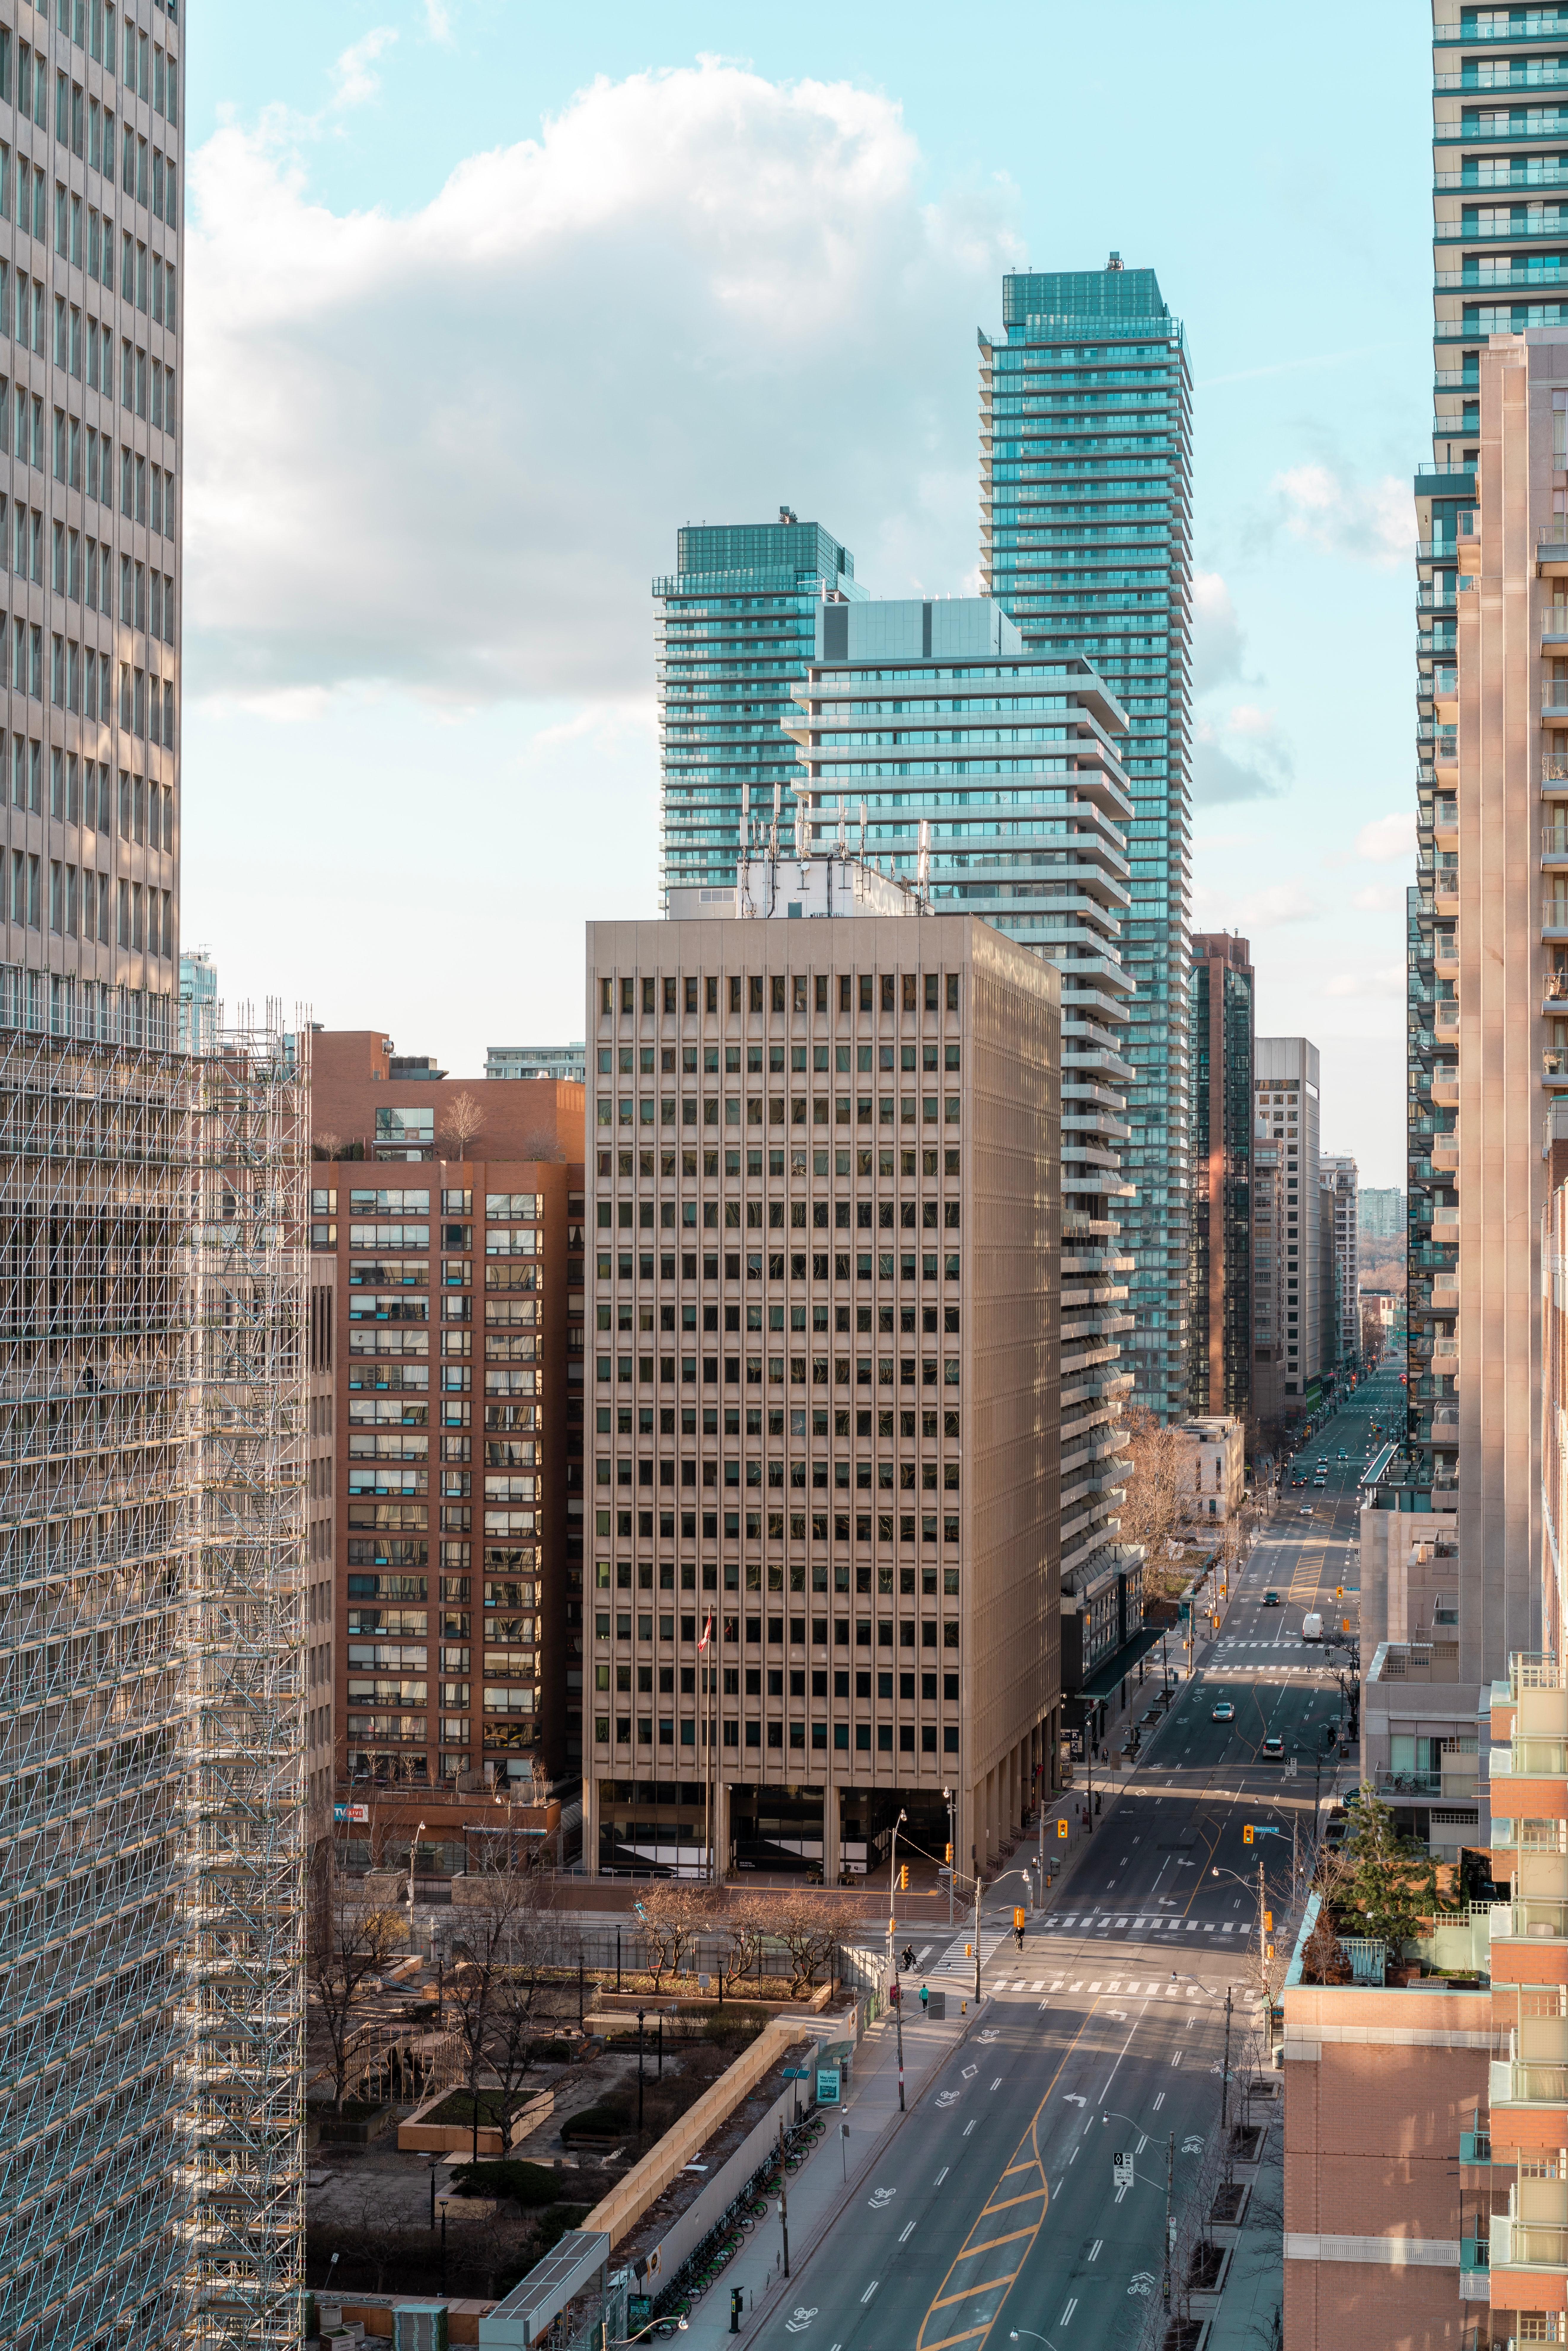 83676壁紙のダウンロード市, 都市, 高層ビル, 高 層 ビル, 建物, 道路, 道, アーキテクチャ-スクリーンセーバーと写真を無料で